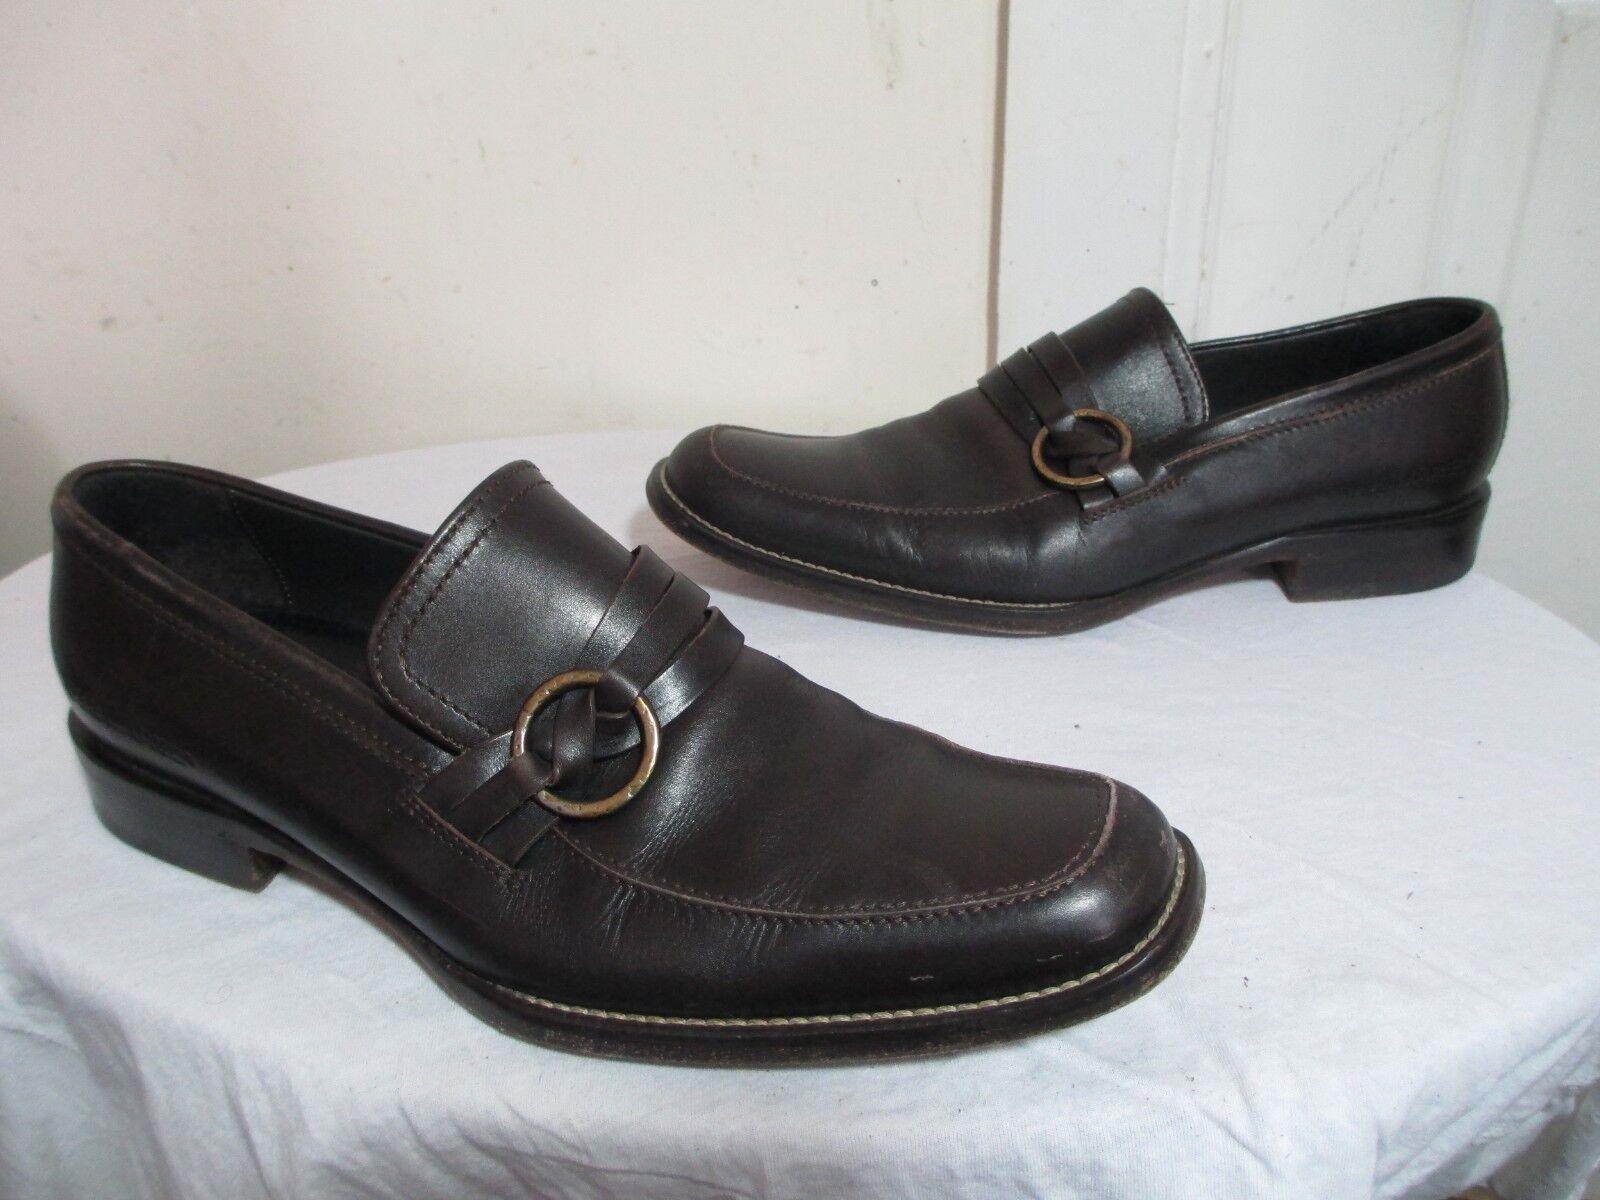 Desquarojo 2 para hombres Cuero Marrón anillada Penny Mocasín Zapatos  2 EE. UU. 8.5  Raro